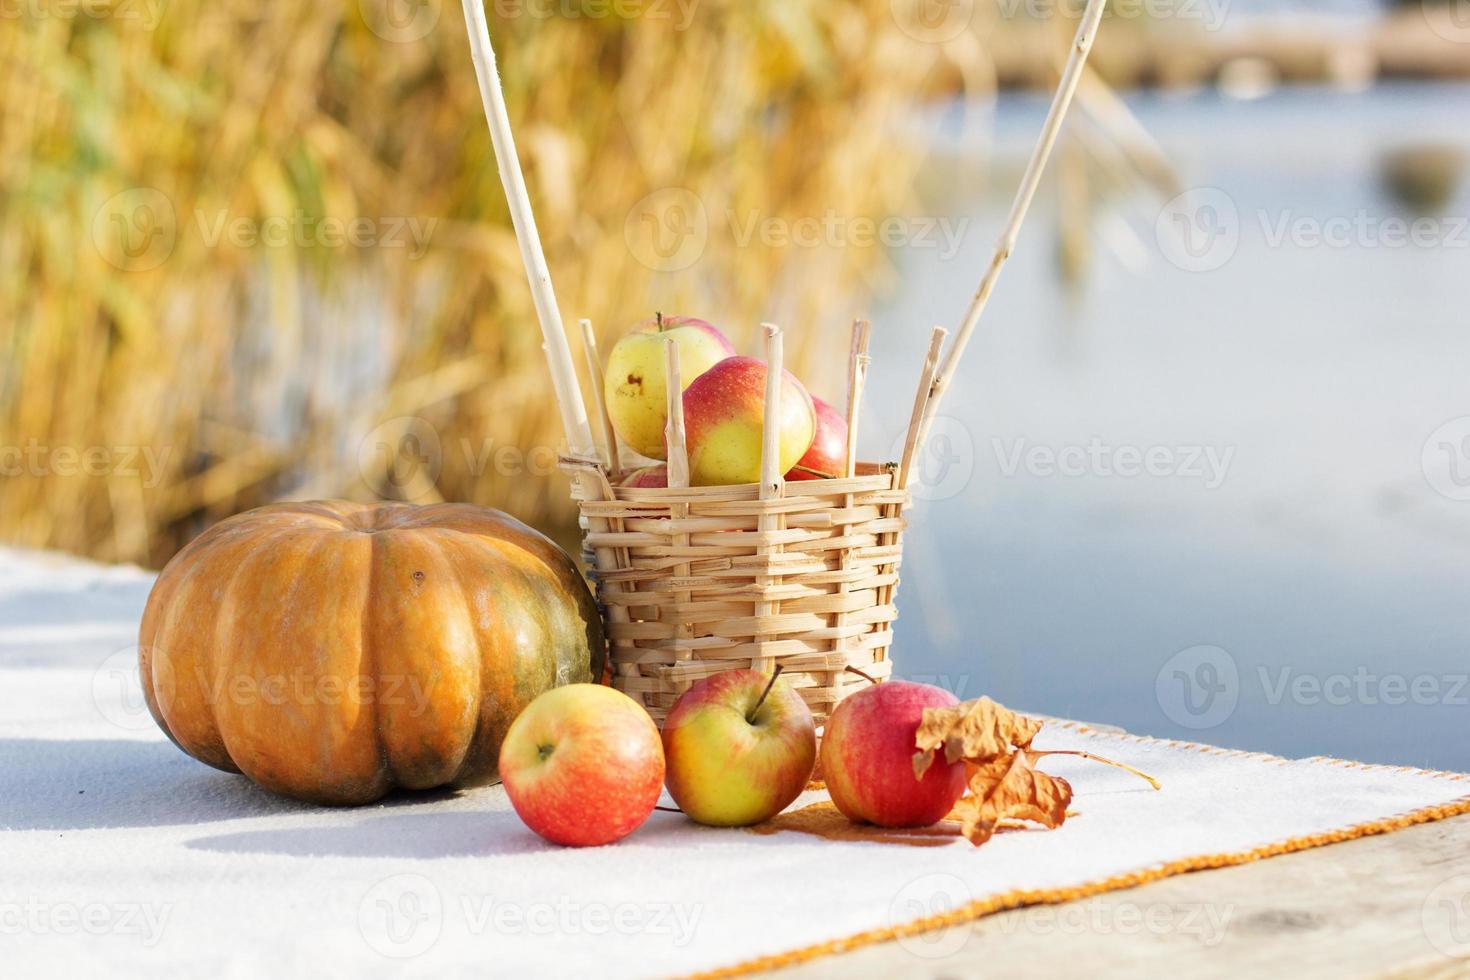 zucca e cesto con mele sul tavolo foto